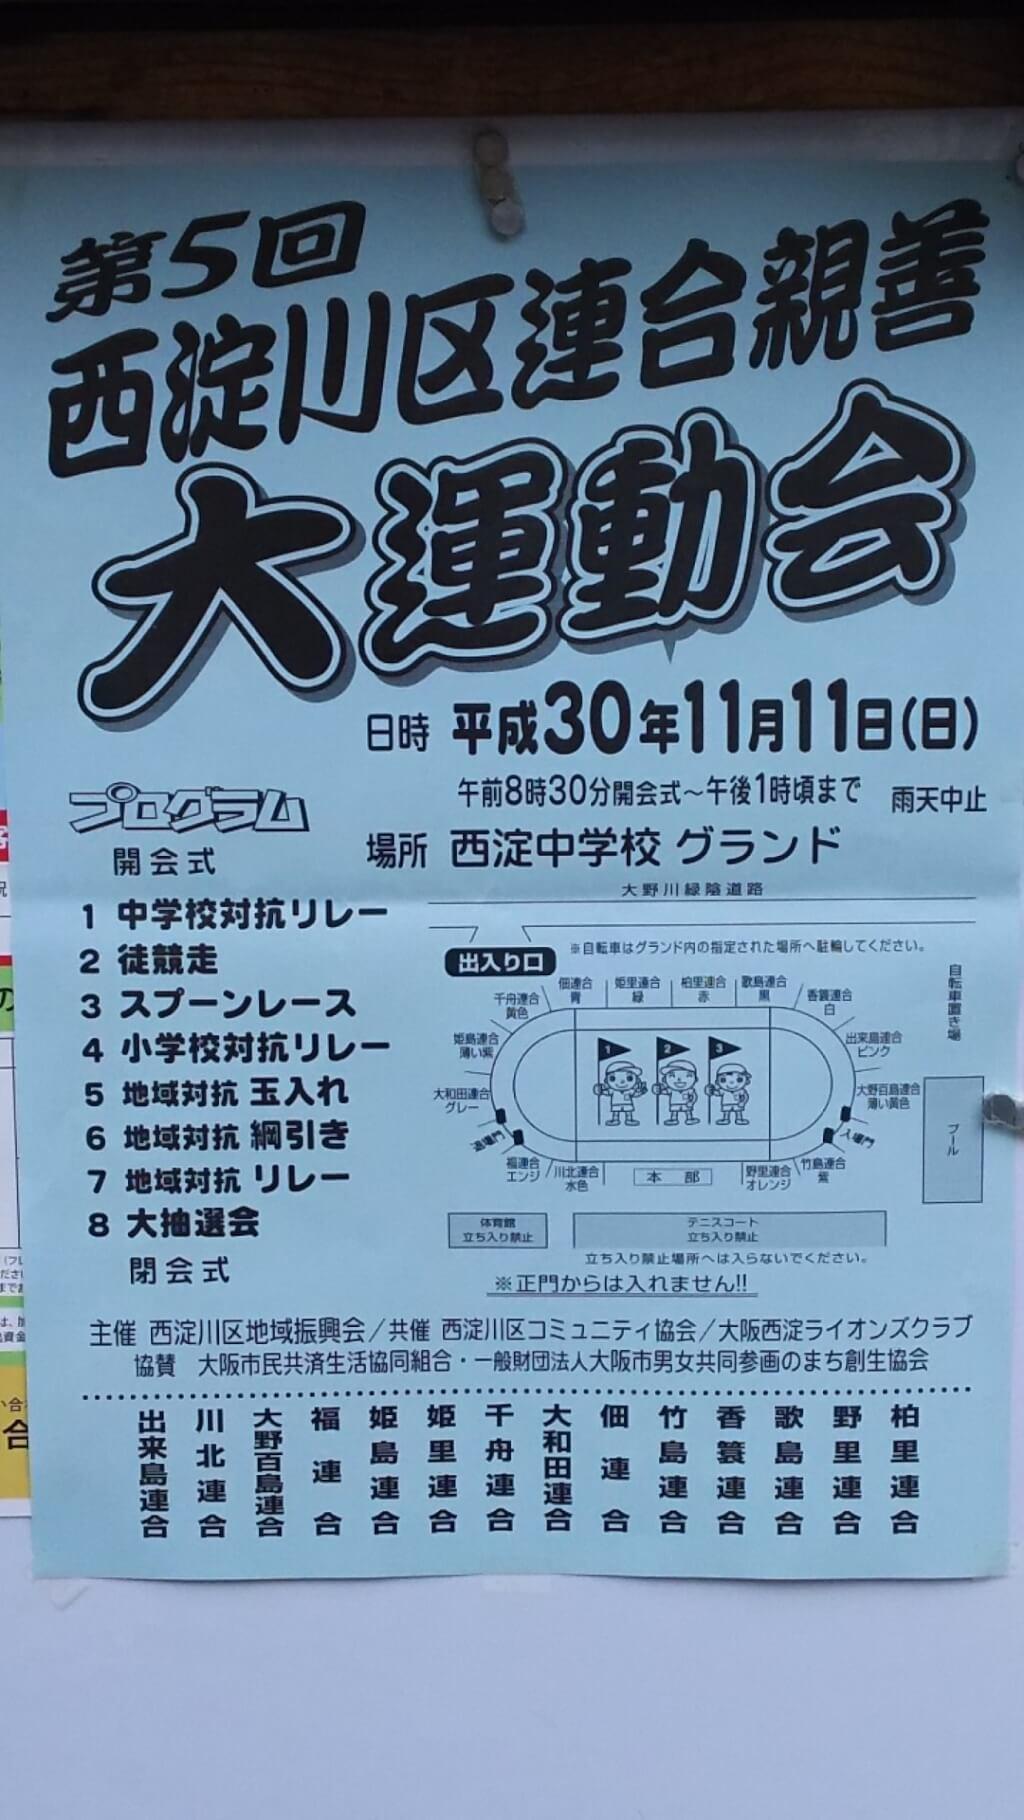 第5回 西淀川区連合親善大運動会 お知らせ